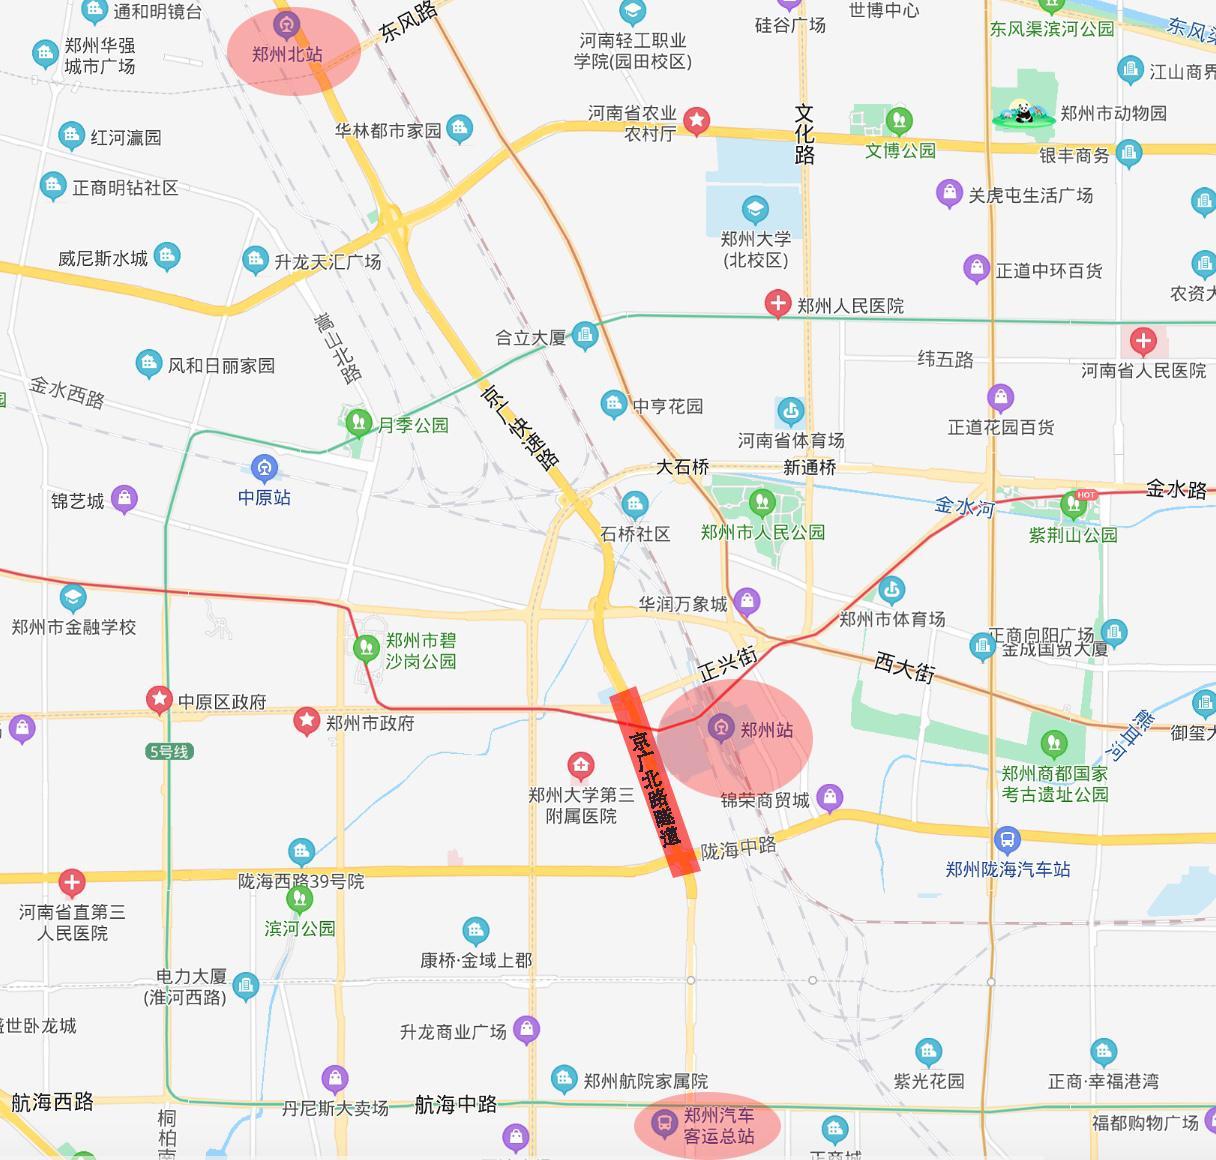 """在郑州隧道吼人下车的男子找到了:""""我们逃出二十分钟后,京广北路隧道全淹了"""""""